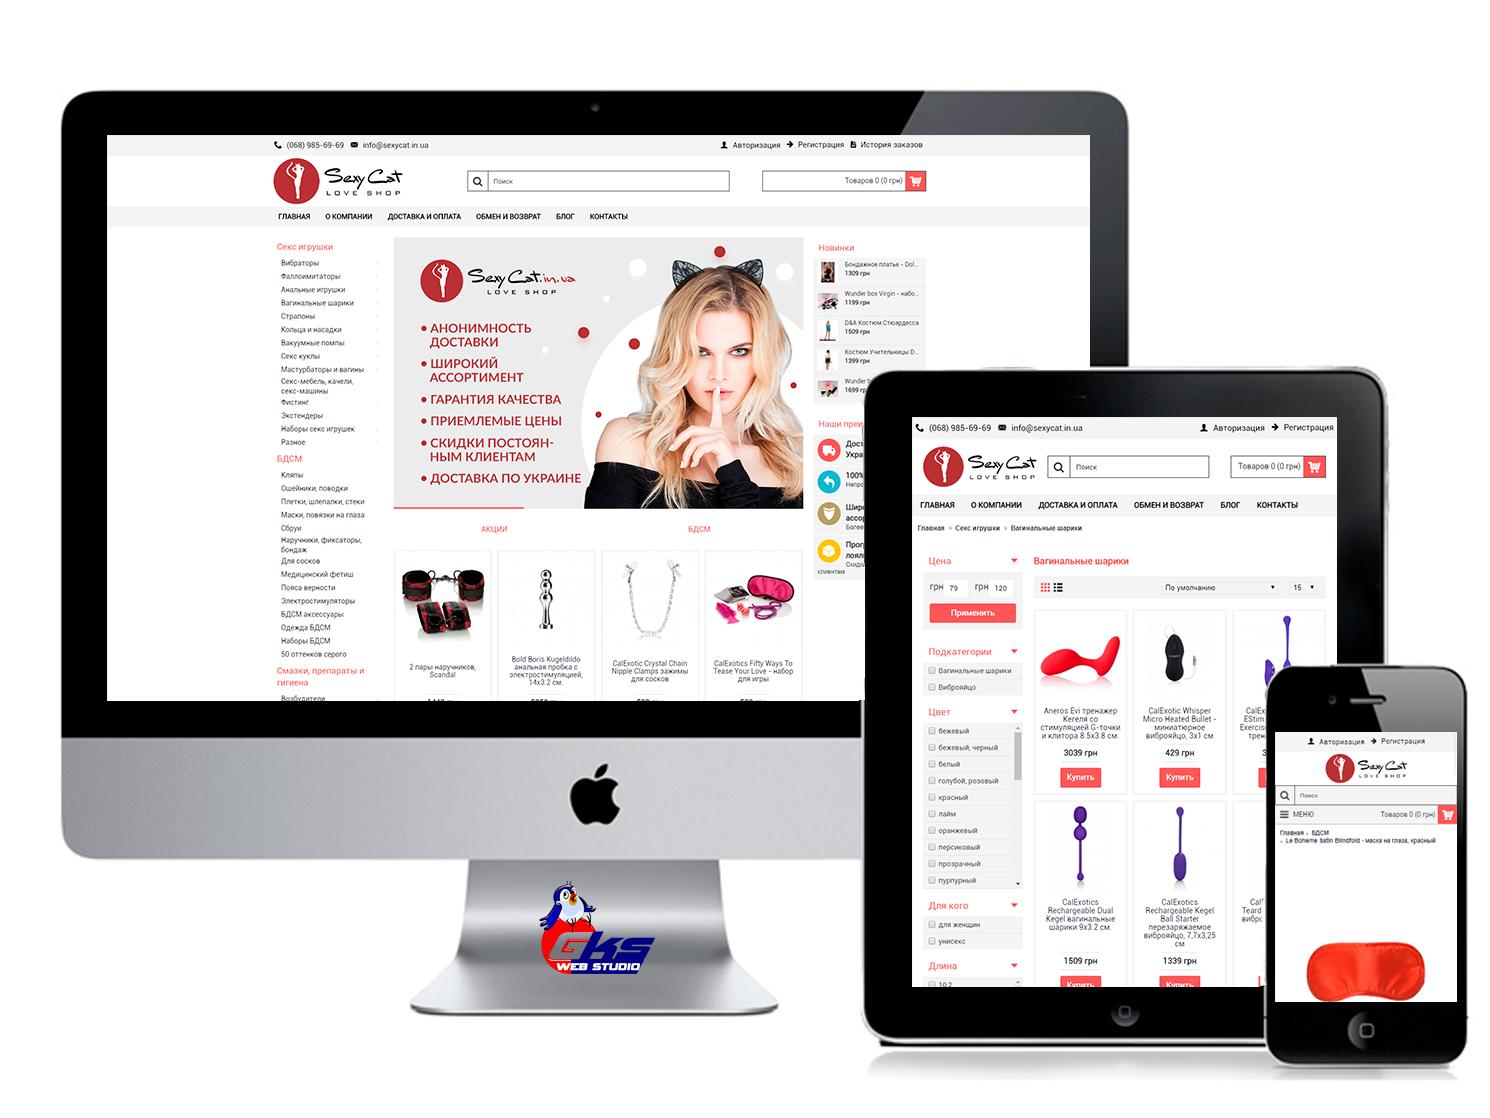 Створення інтернет-магазину SexyCat. CMS OpenCart